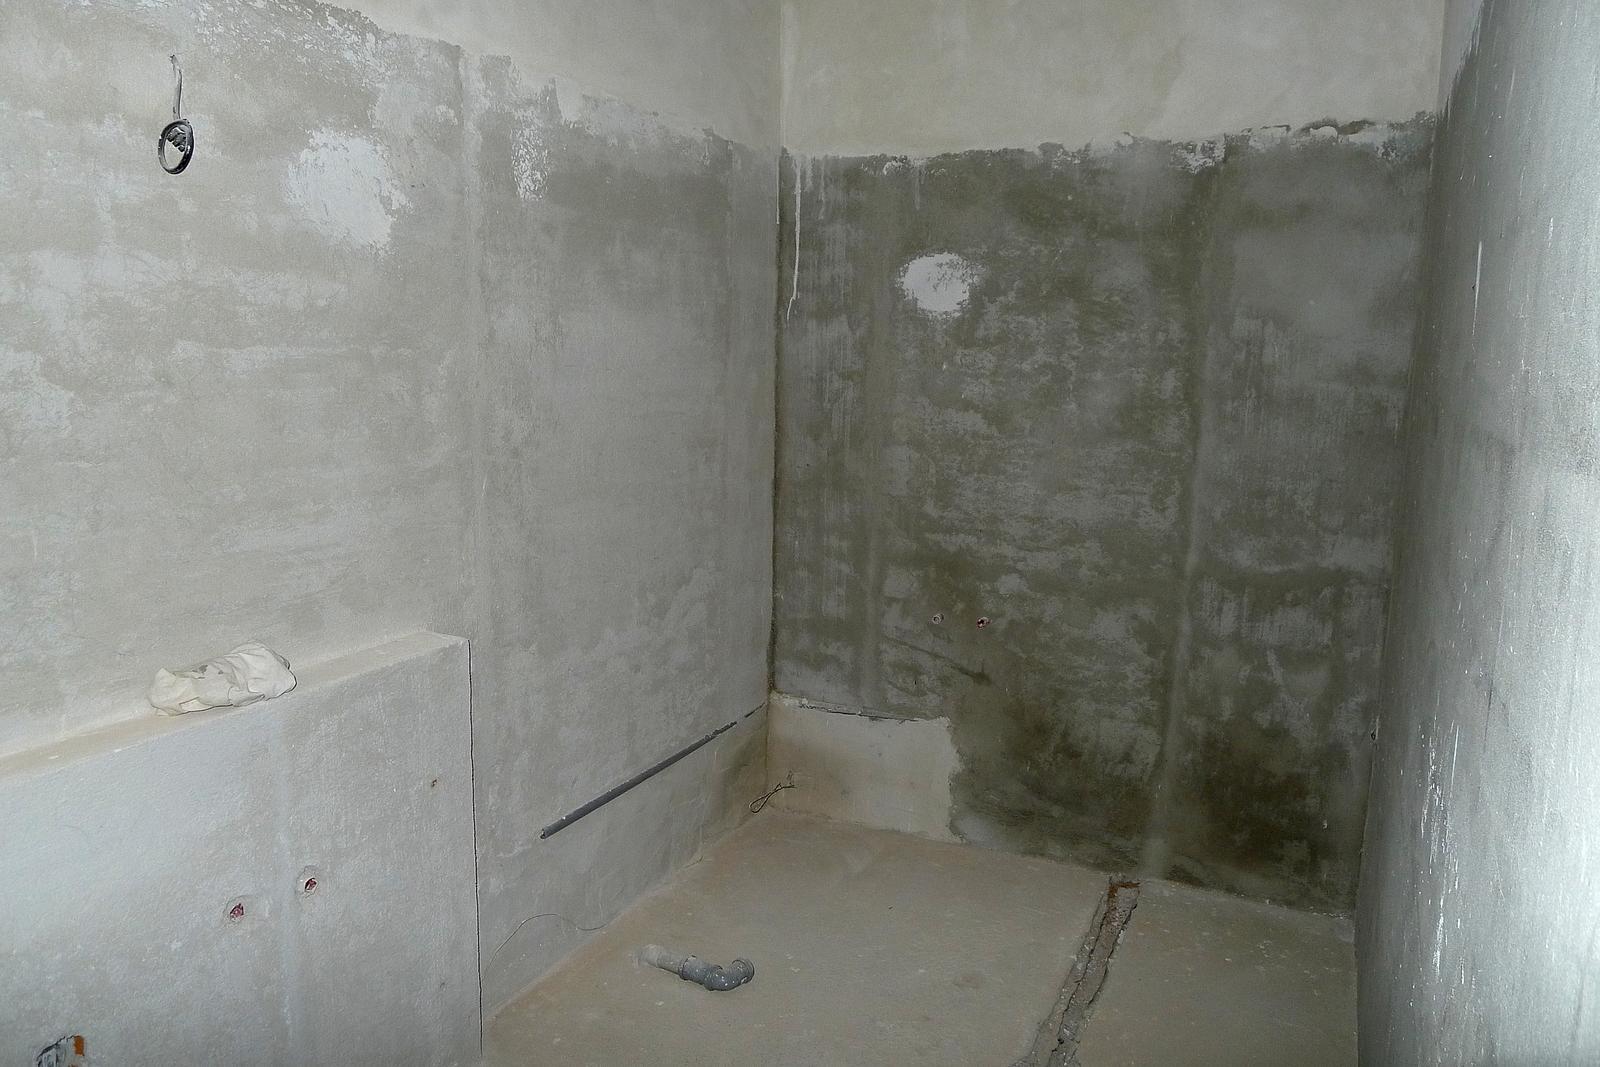 Rekonstrukce našeho domečku - koupelna...čekáme na obkladače